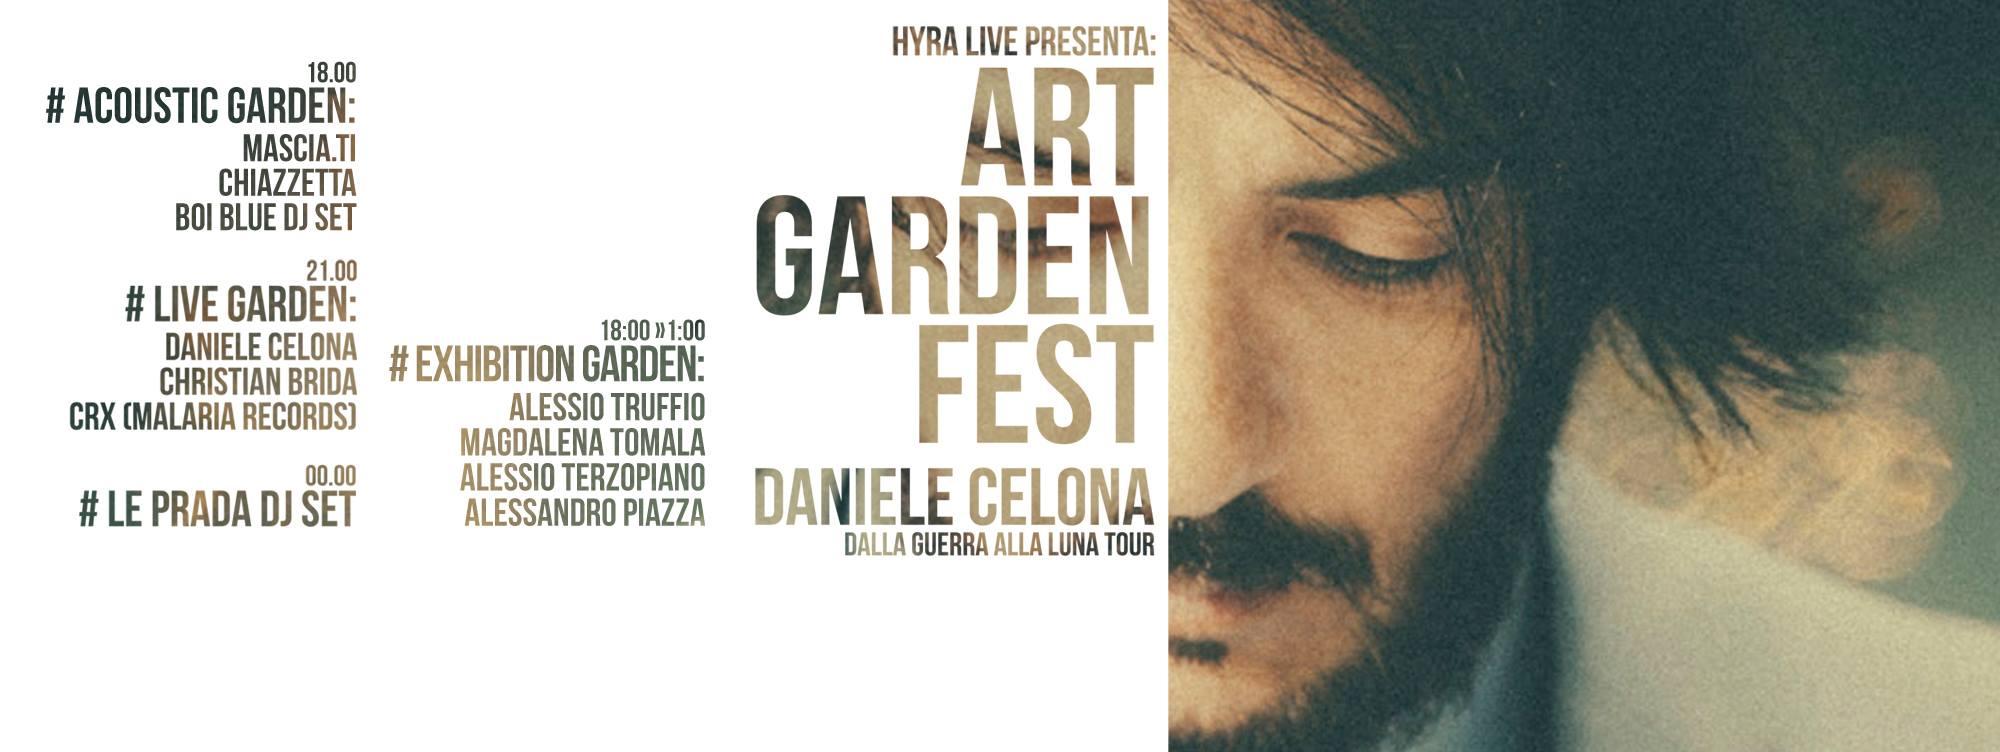 art_garden